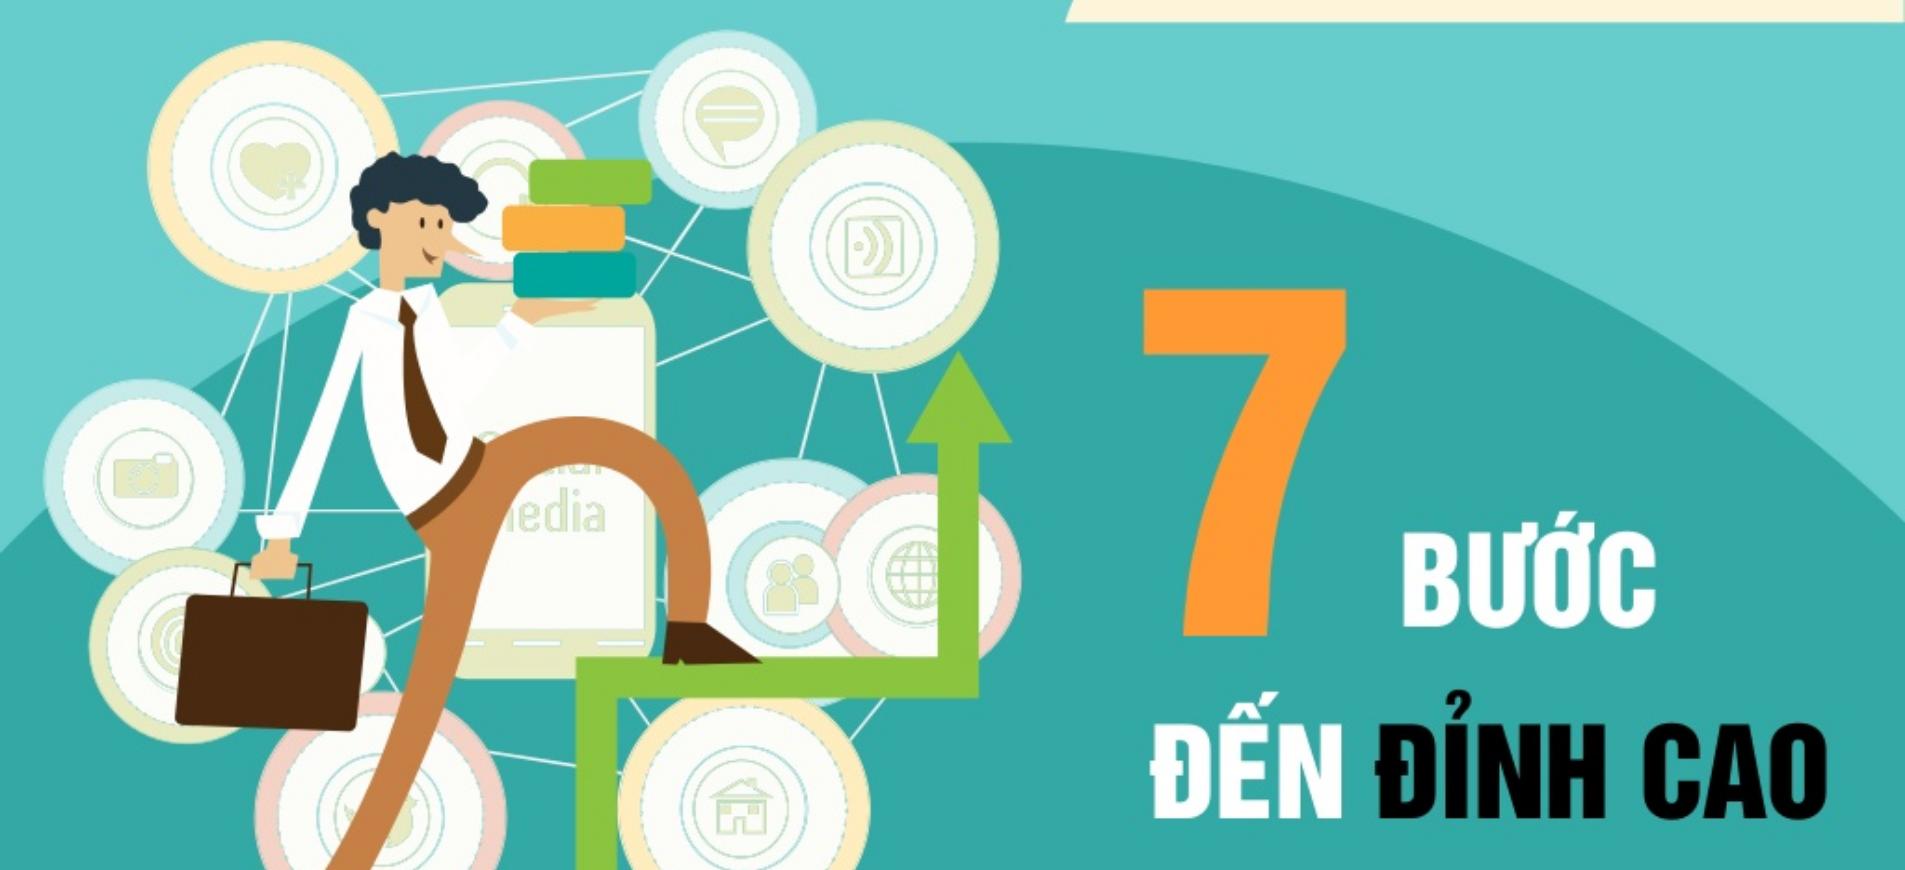 7 bước tới đỉnh cao marketing [Infographic Guide]